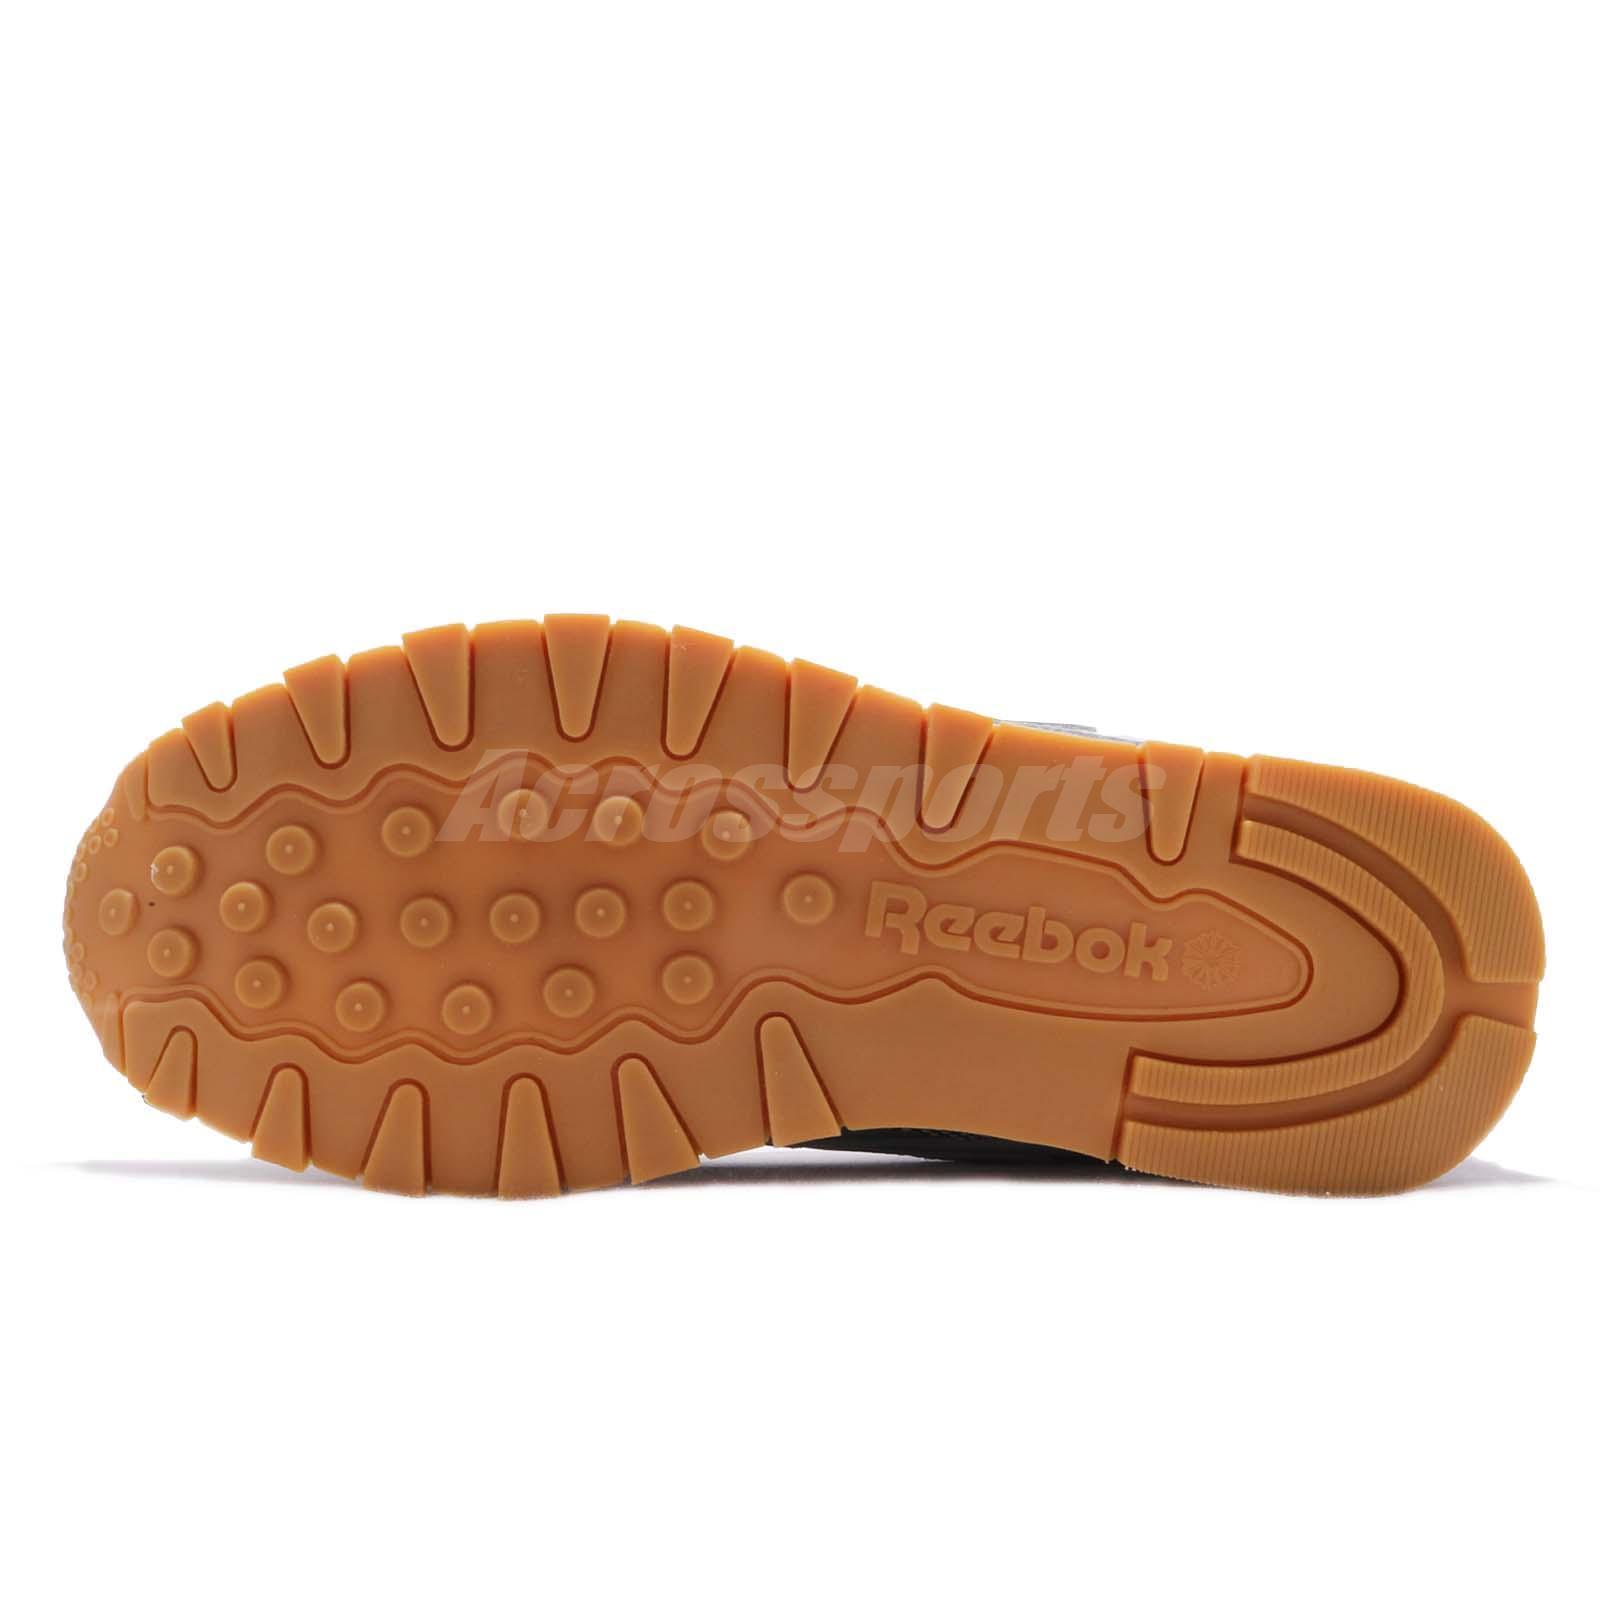 Reebok CL Lthr ATI 90 S Crâne Gris Noir Rose Lime Gum Hommes Chaussures De Course DV5375